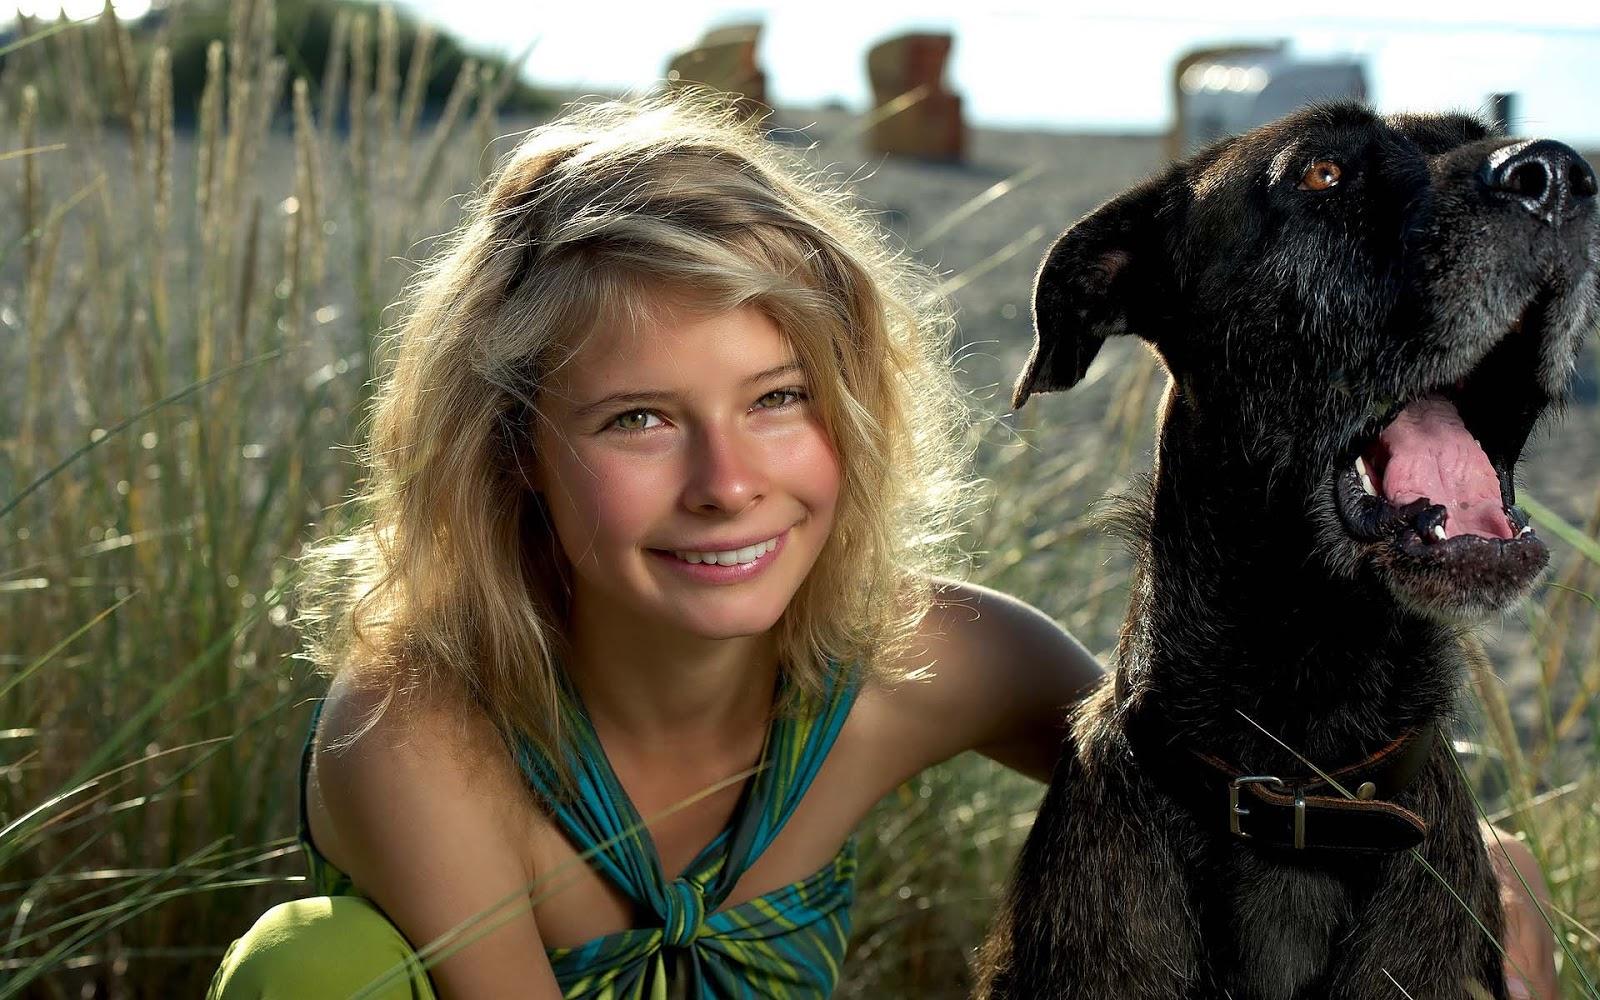 Mooie honden achtergrond met een meisje met haar hond in het hoge gras